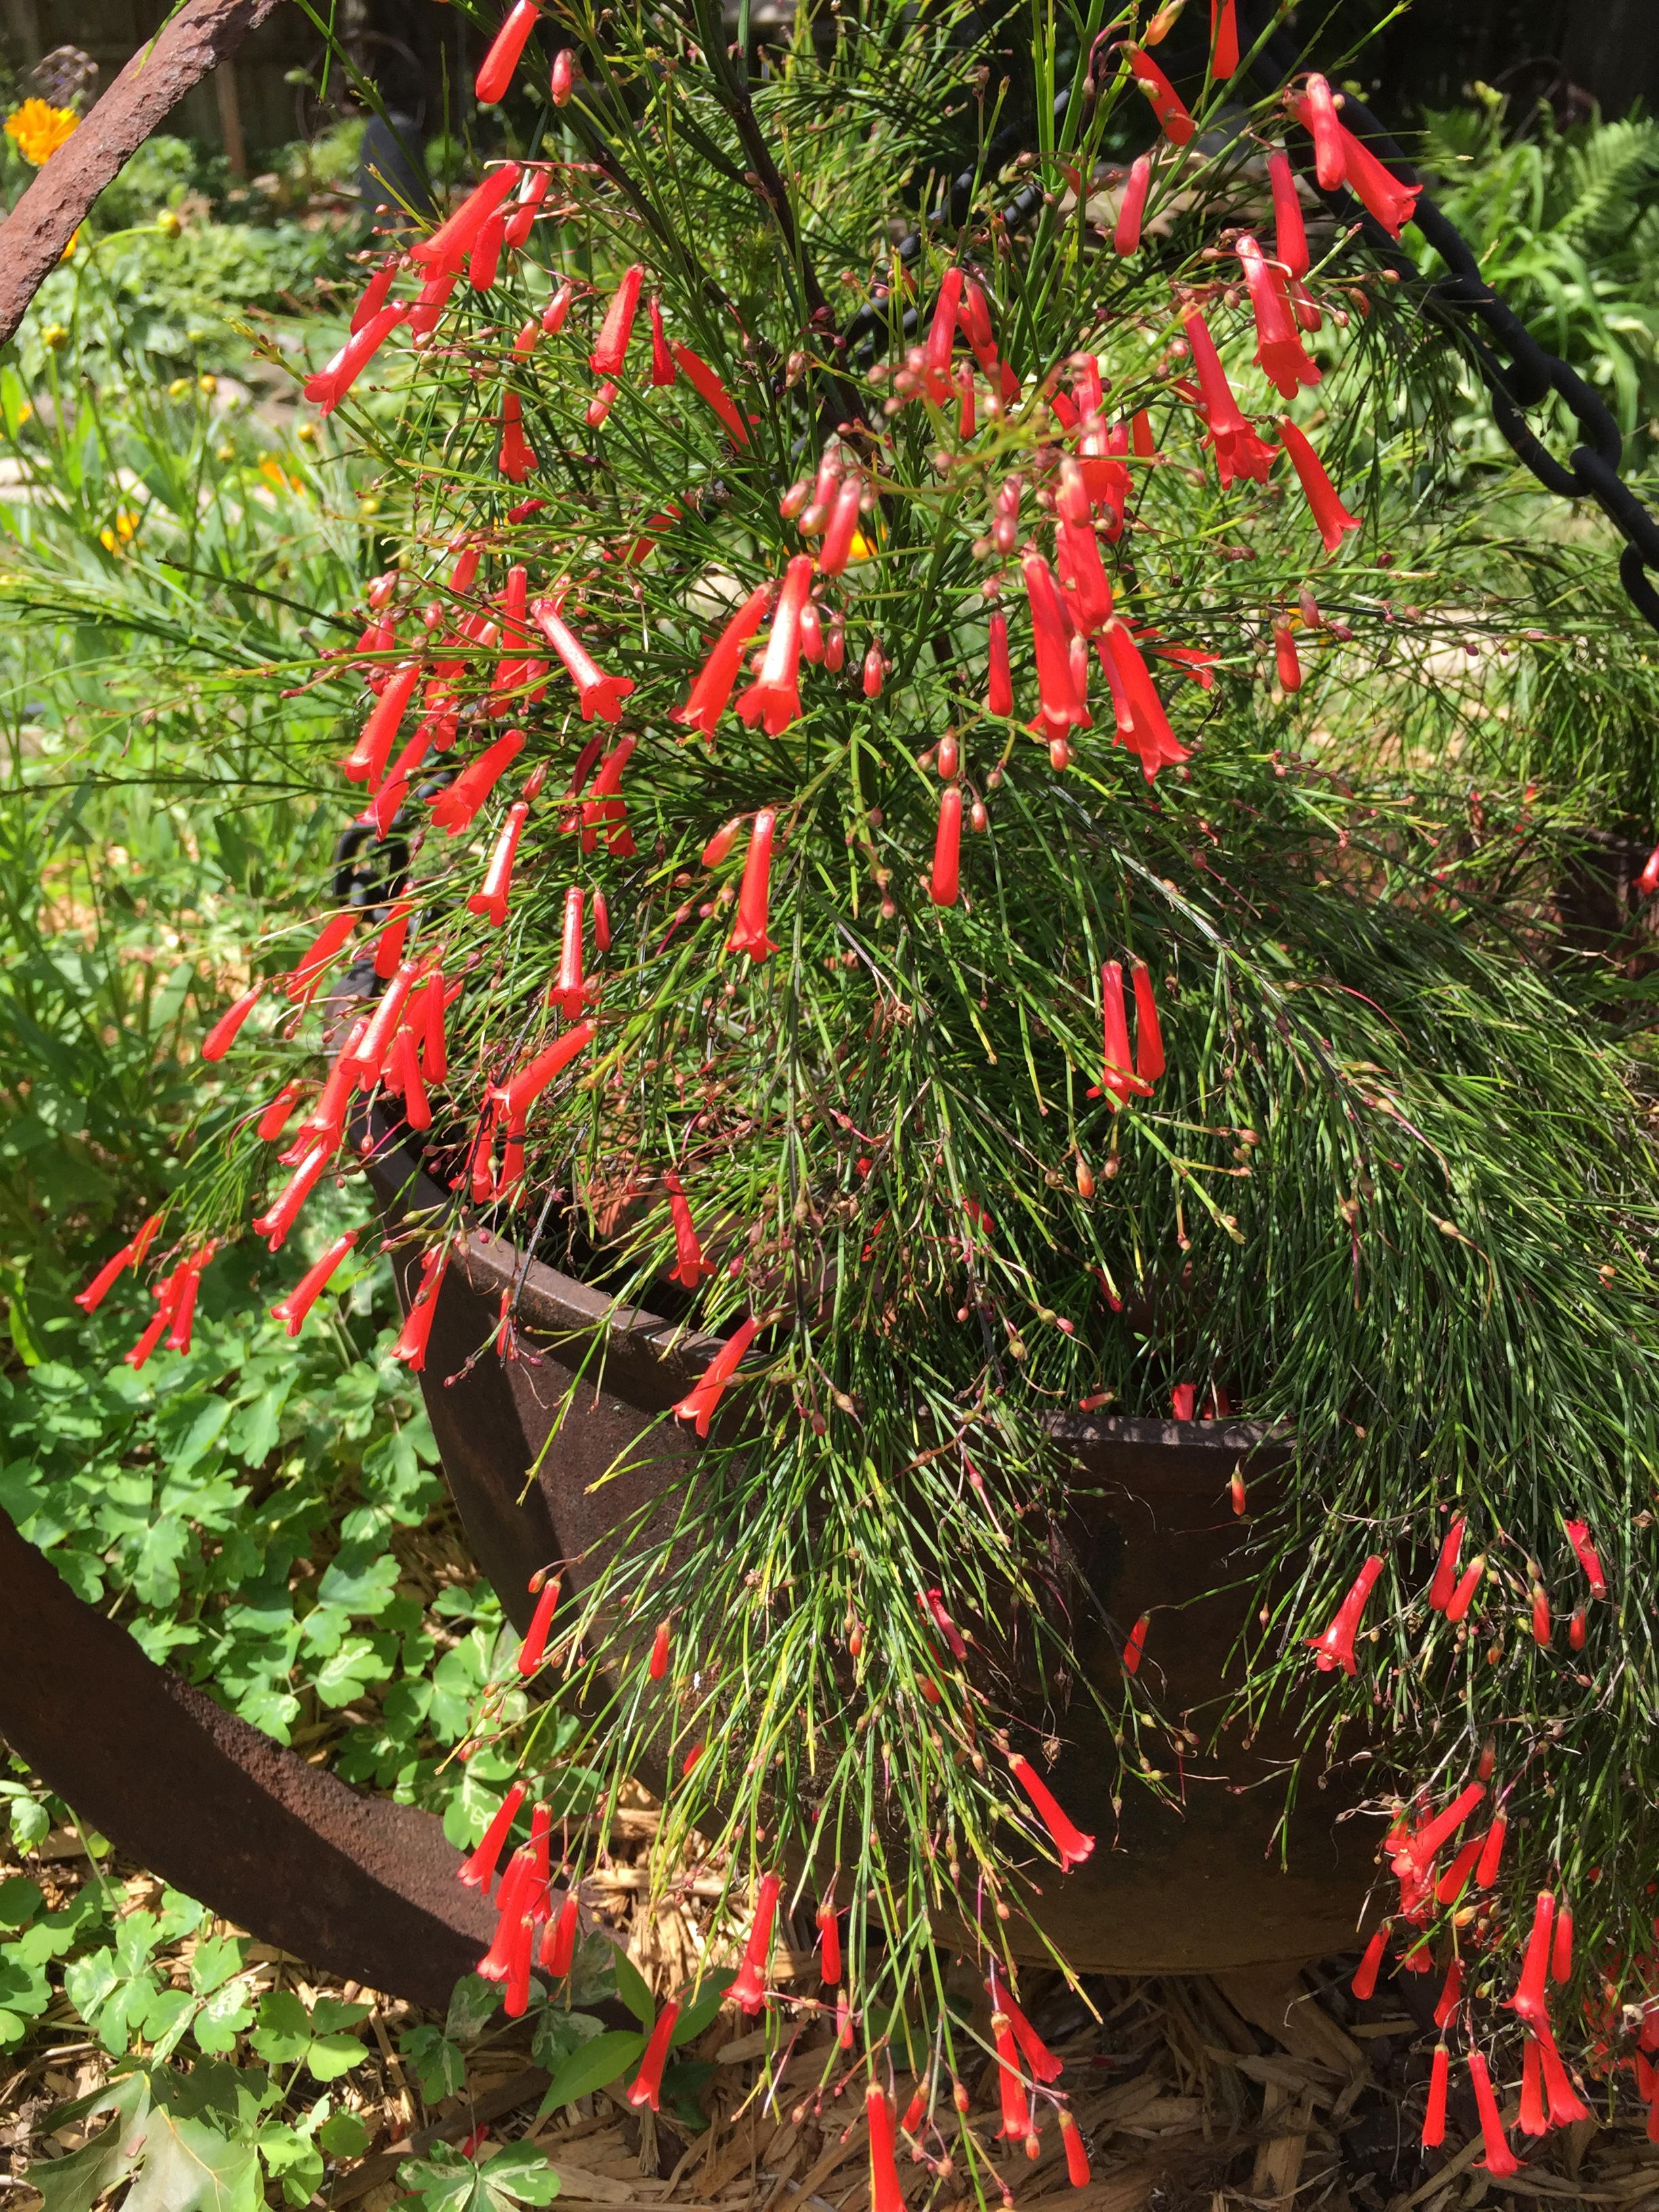 Russelia equisetiformis Red Firecracker Fern Springdale AR 6 13 15 (2)